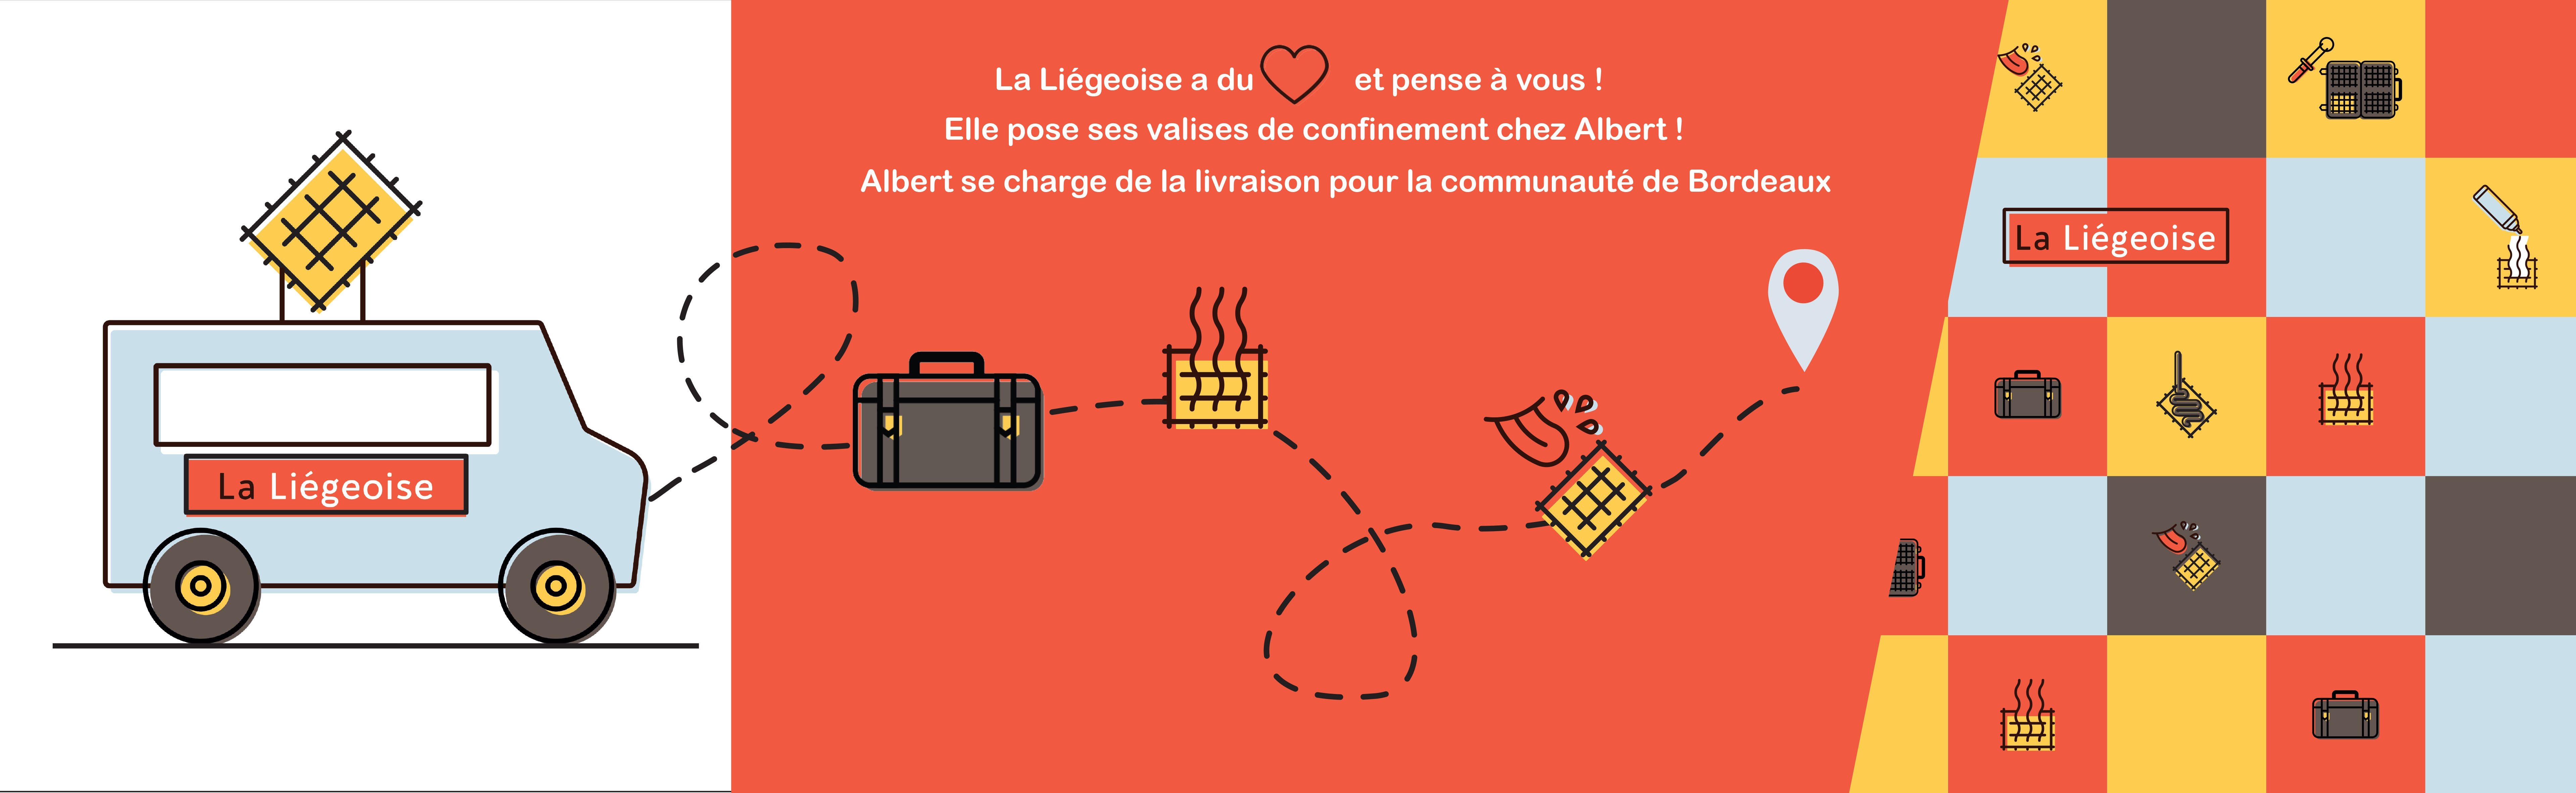 La Liégeoise pose ses valises de confinement chez Albert! Livraison offerte dans toute la communauté de Bordeaux!